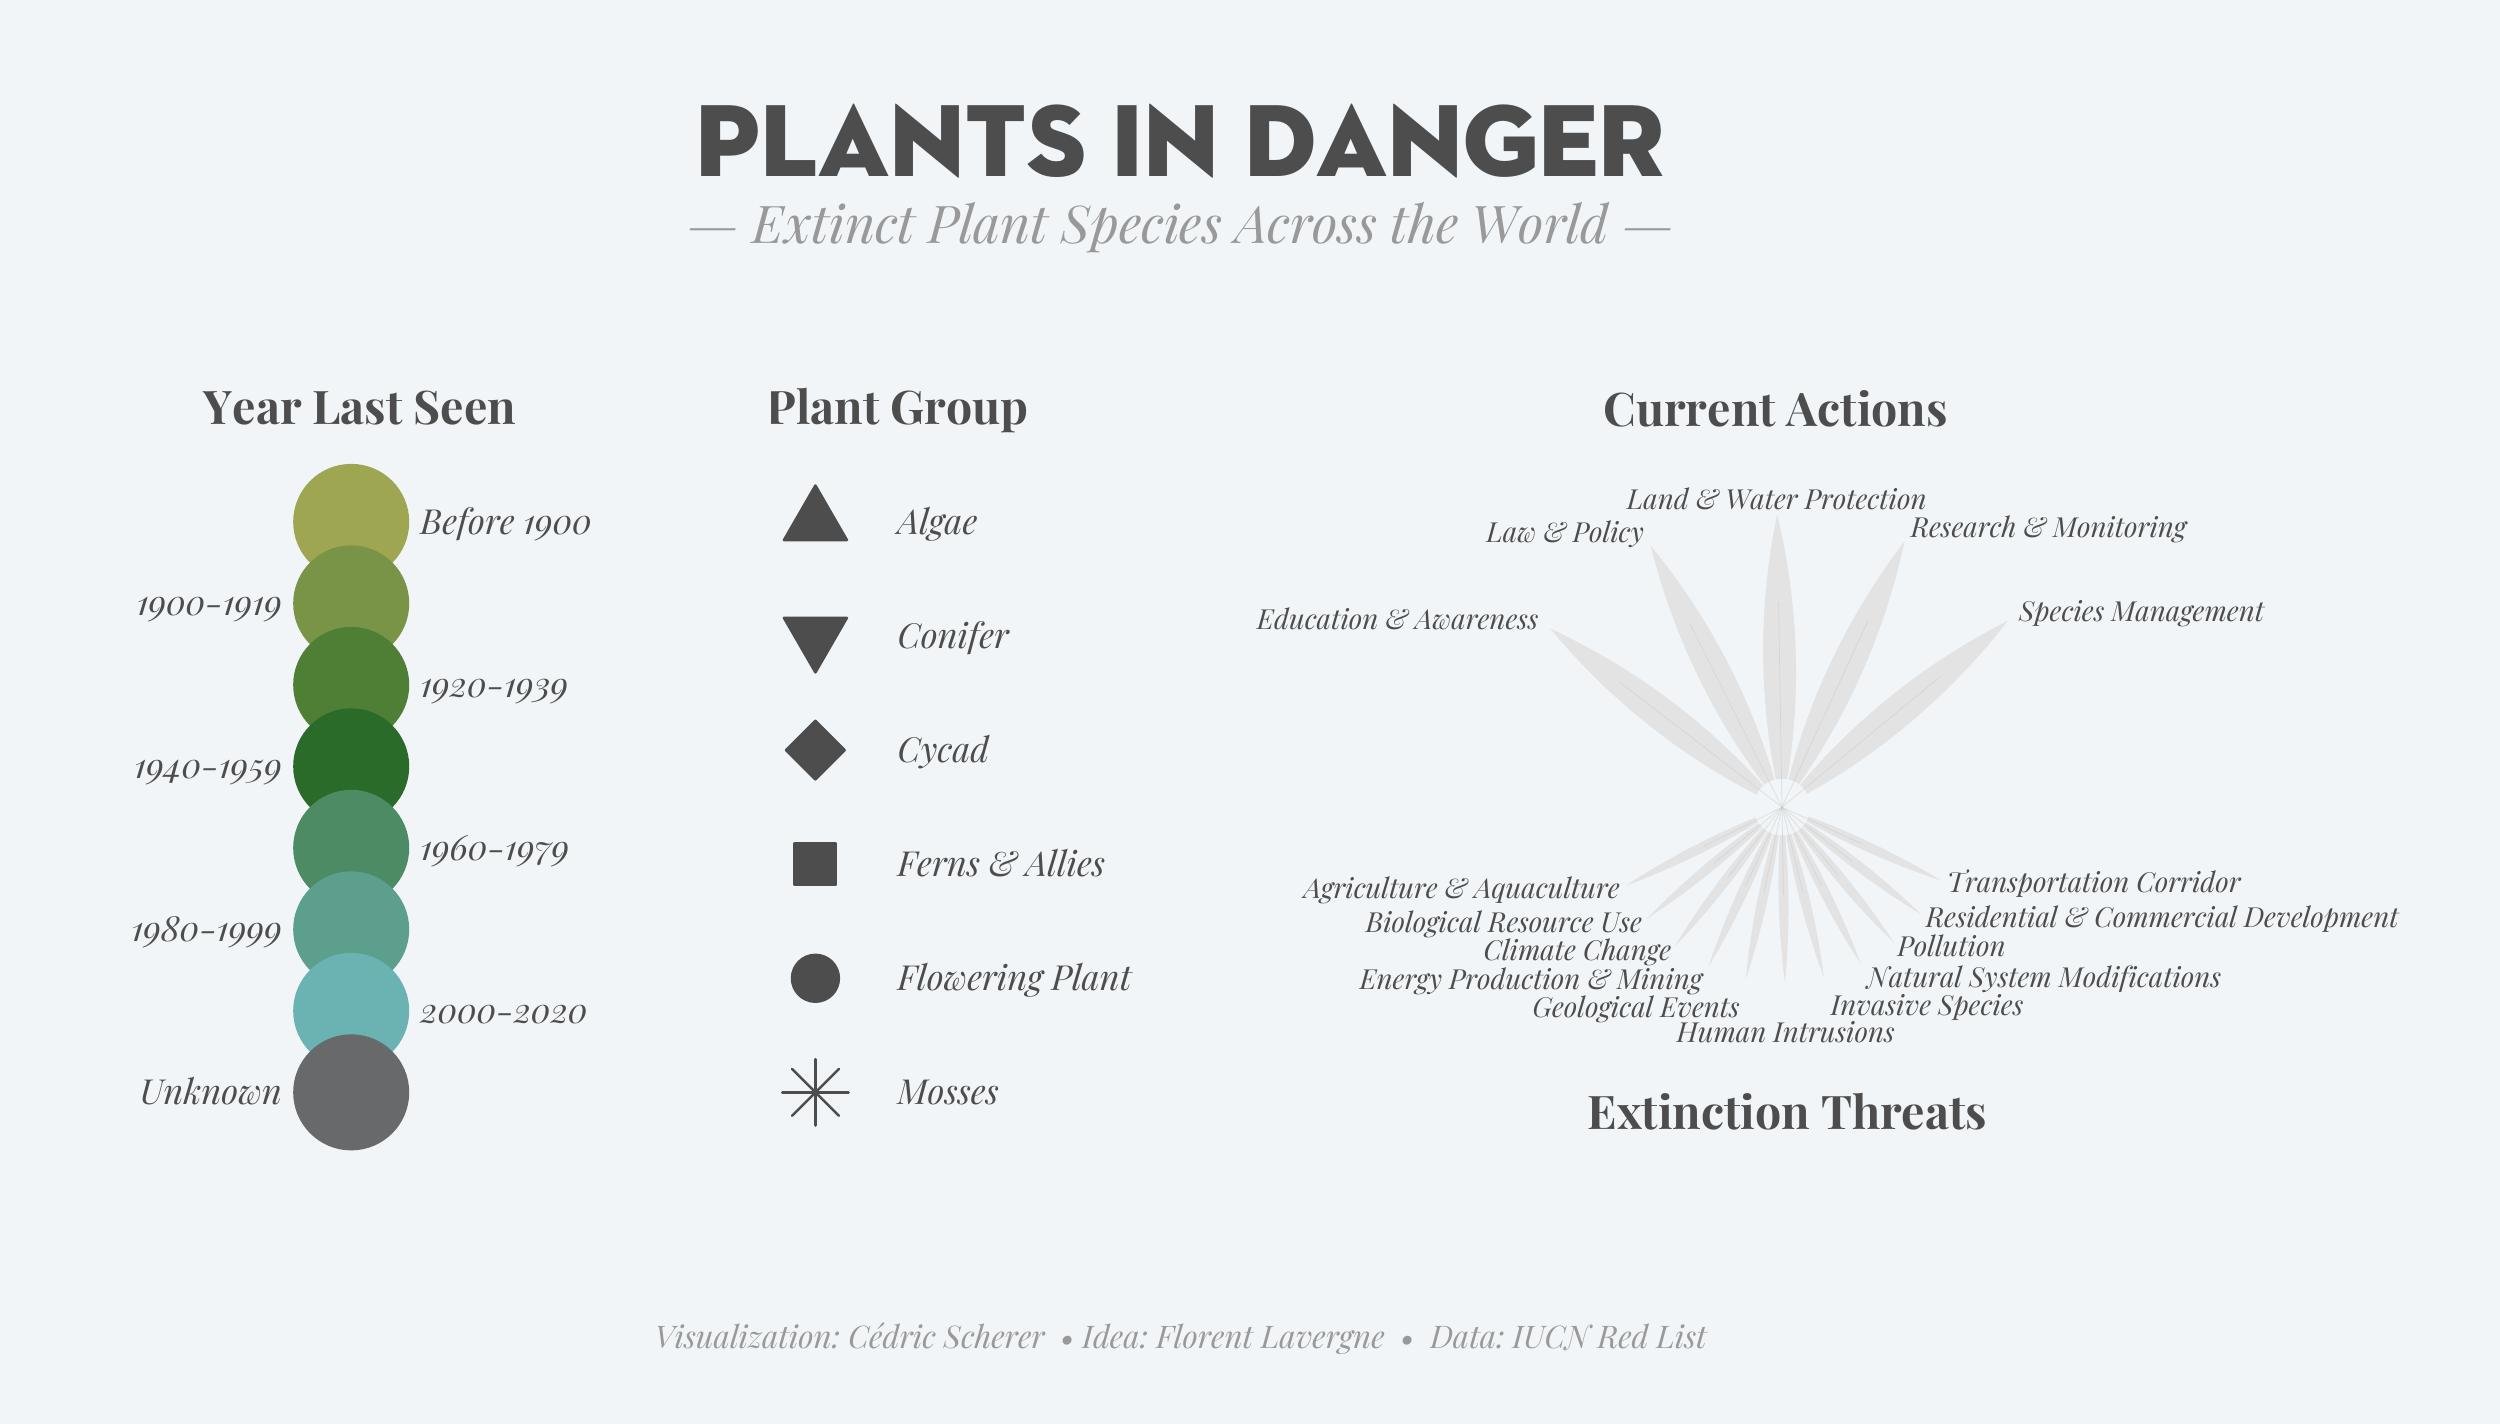 ./plots/2020_34/2020_34_ExtinctPlants_3_legend_standalone_1.png